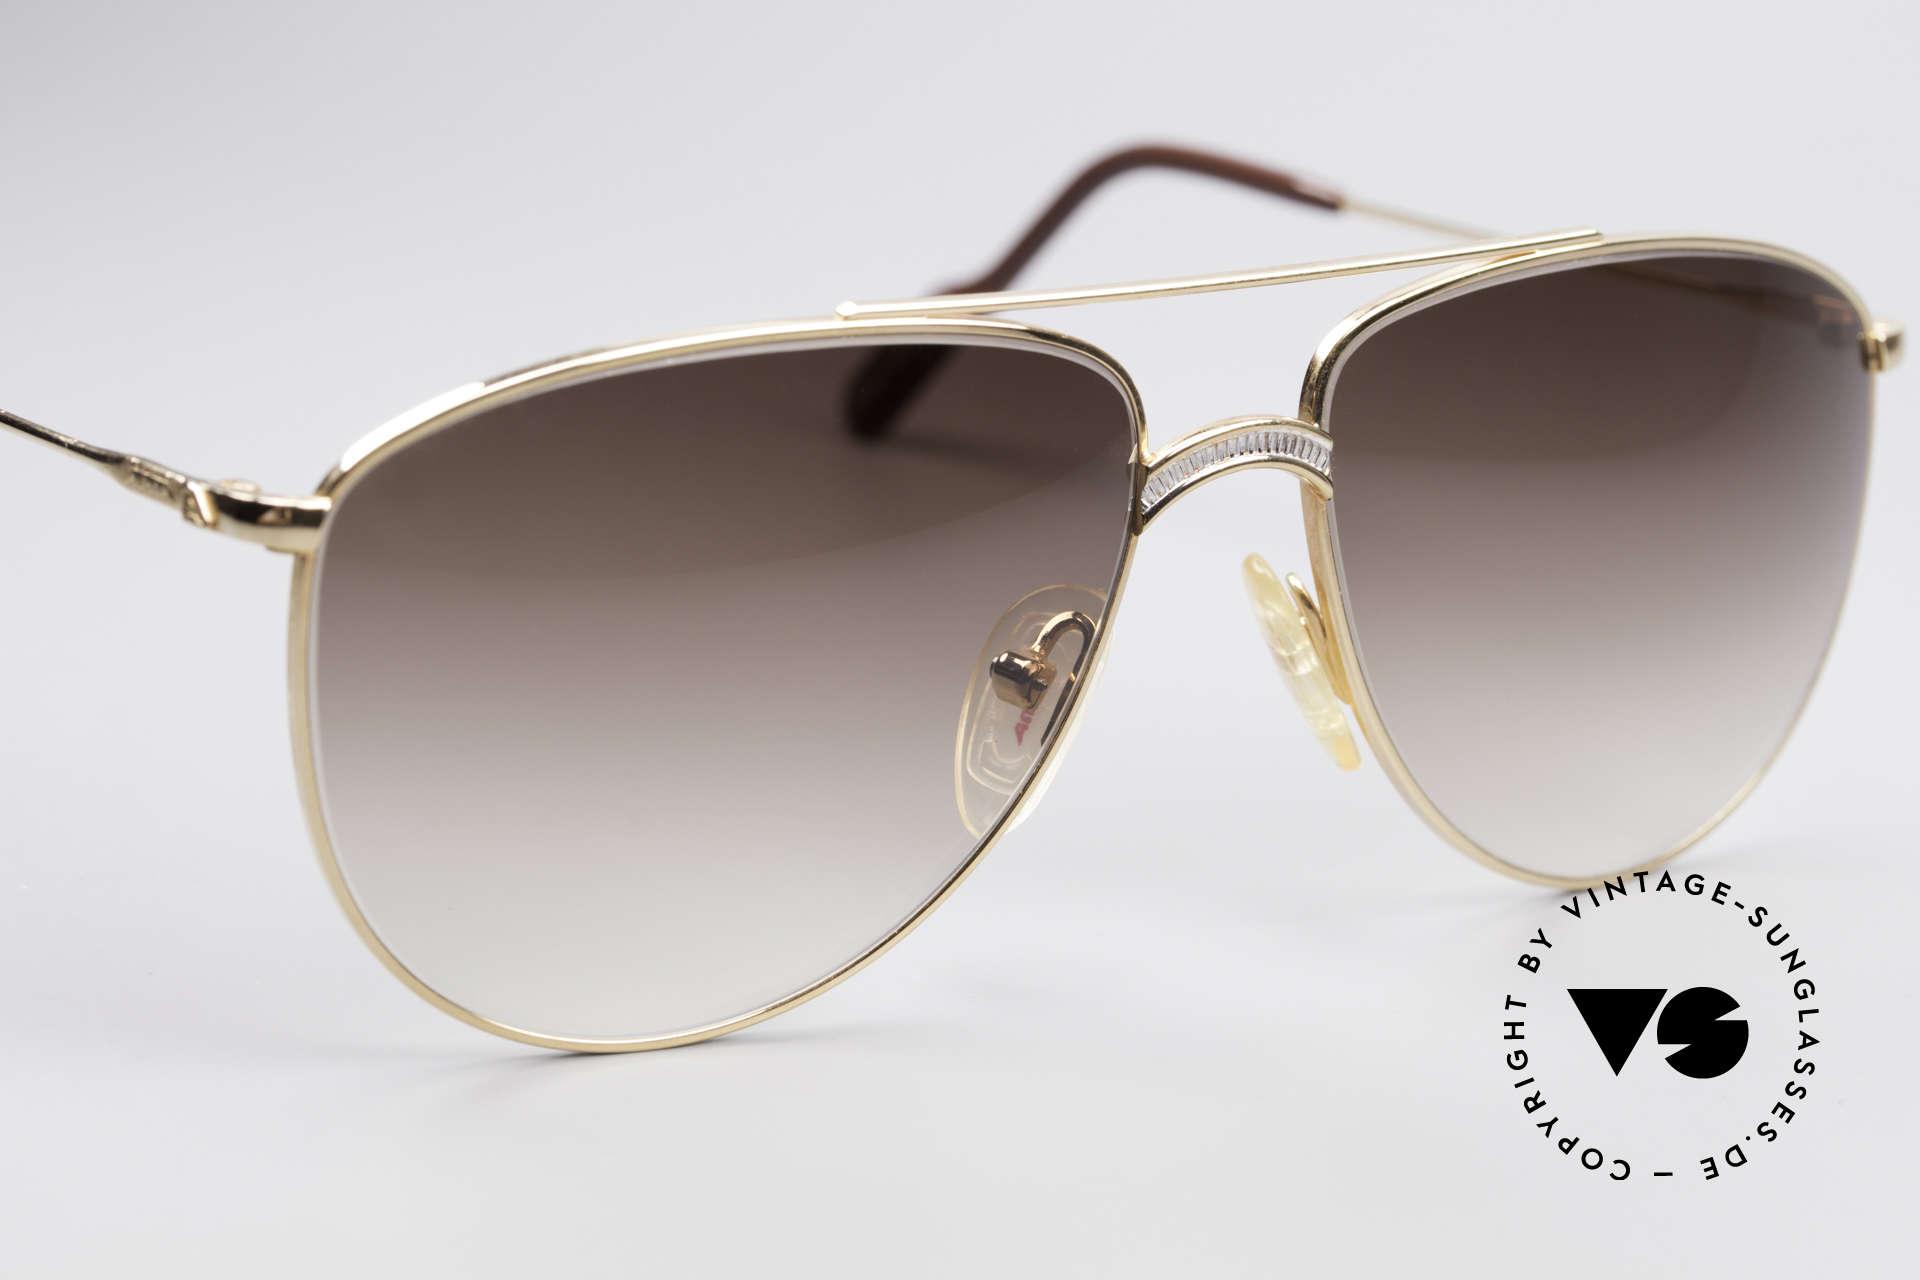 Alpina FM81 West Germany Vintage Brille, KEINE Retrobrille; ein 80er Original + Versace Etui, Passend für Herren